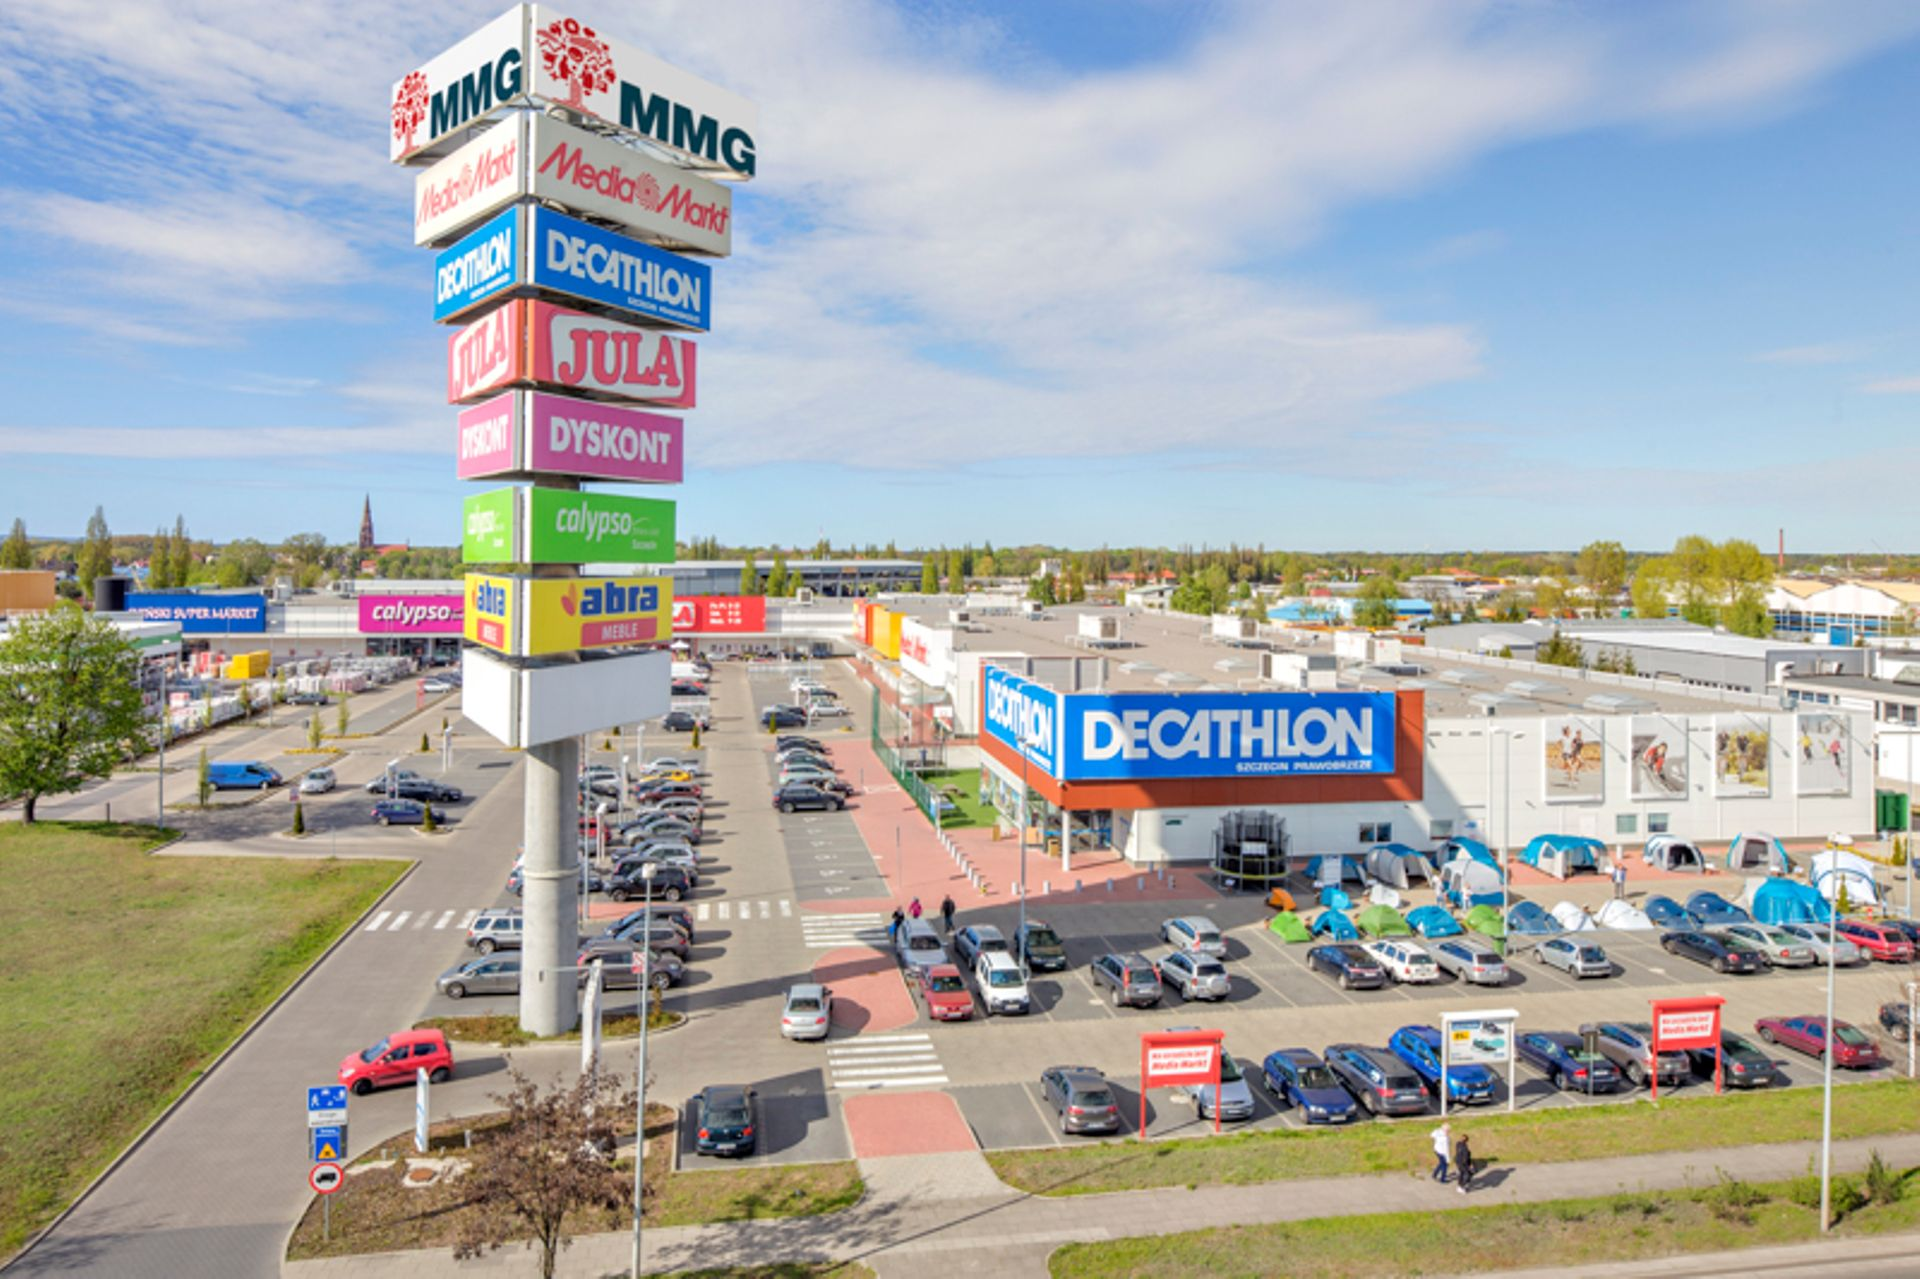 [Szczecin] Galeria MMG Centers Szczecin oferuje największy w Polsce salon łazienek